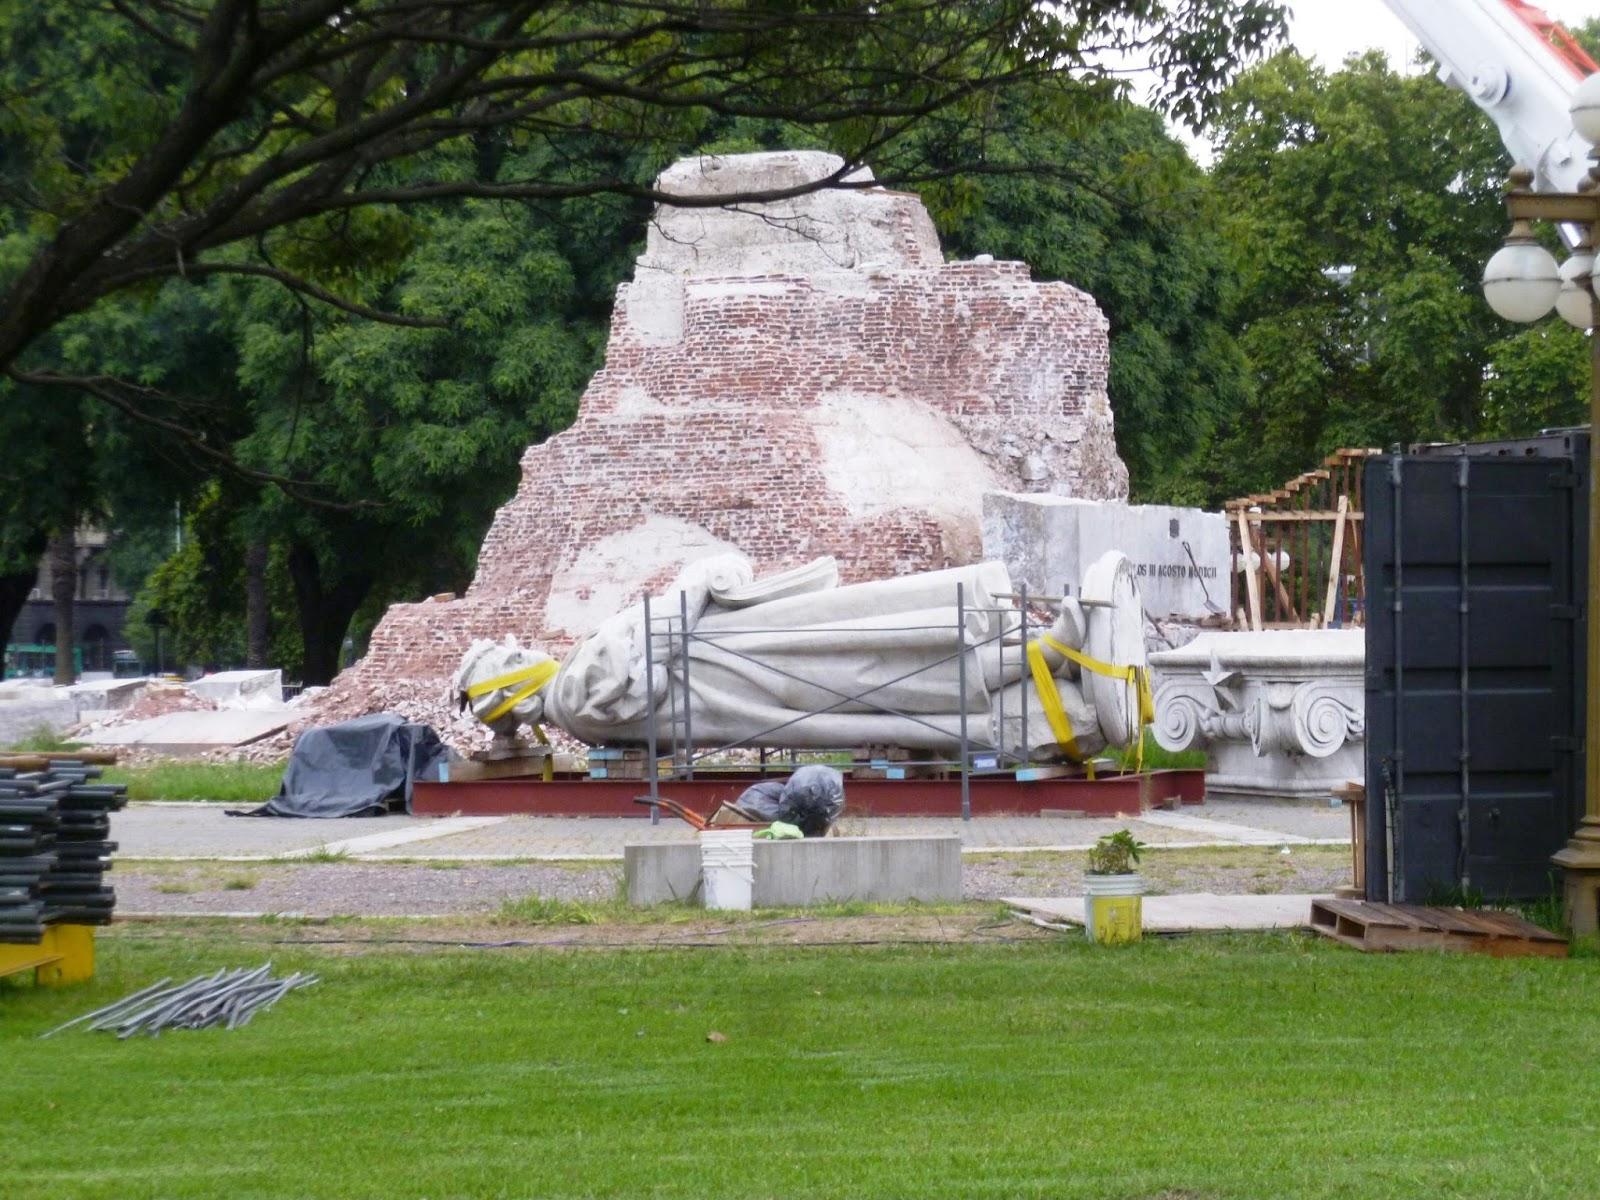 La estatua de Cristóbal Colón desguazada esperando el traslado a un predio porteño